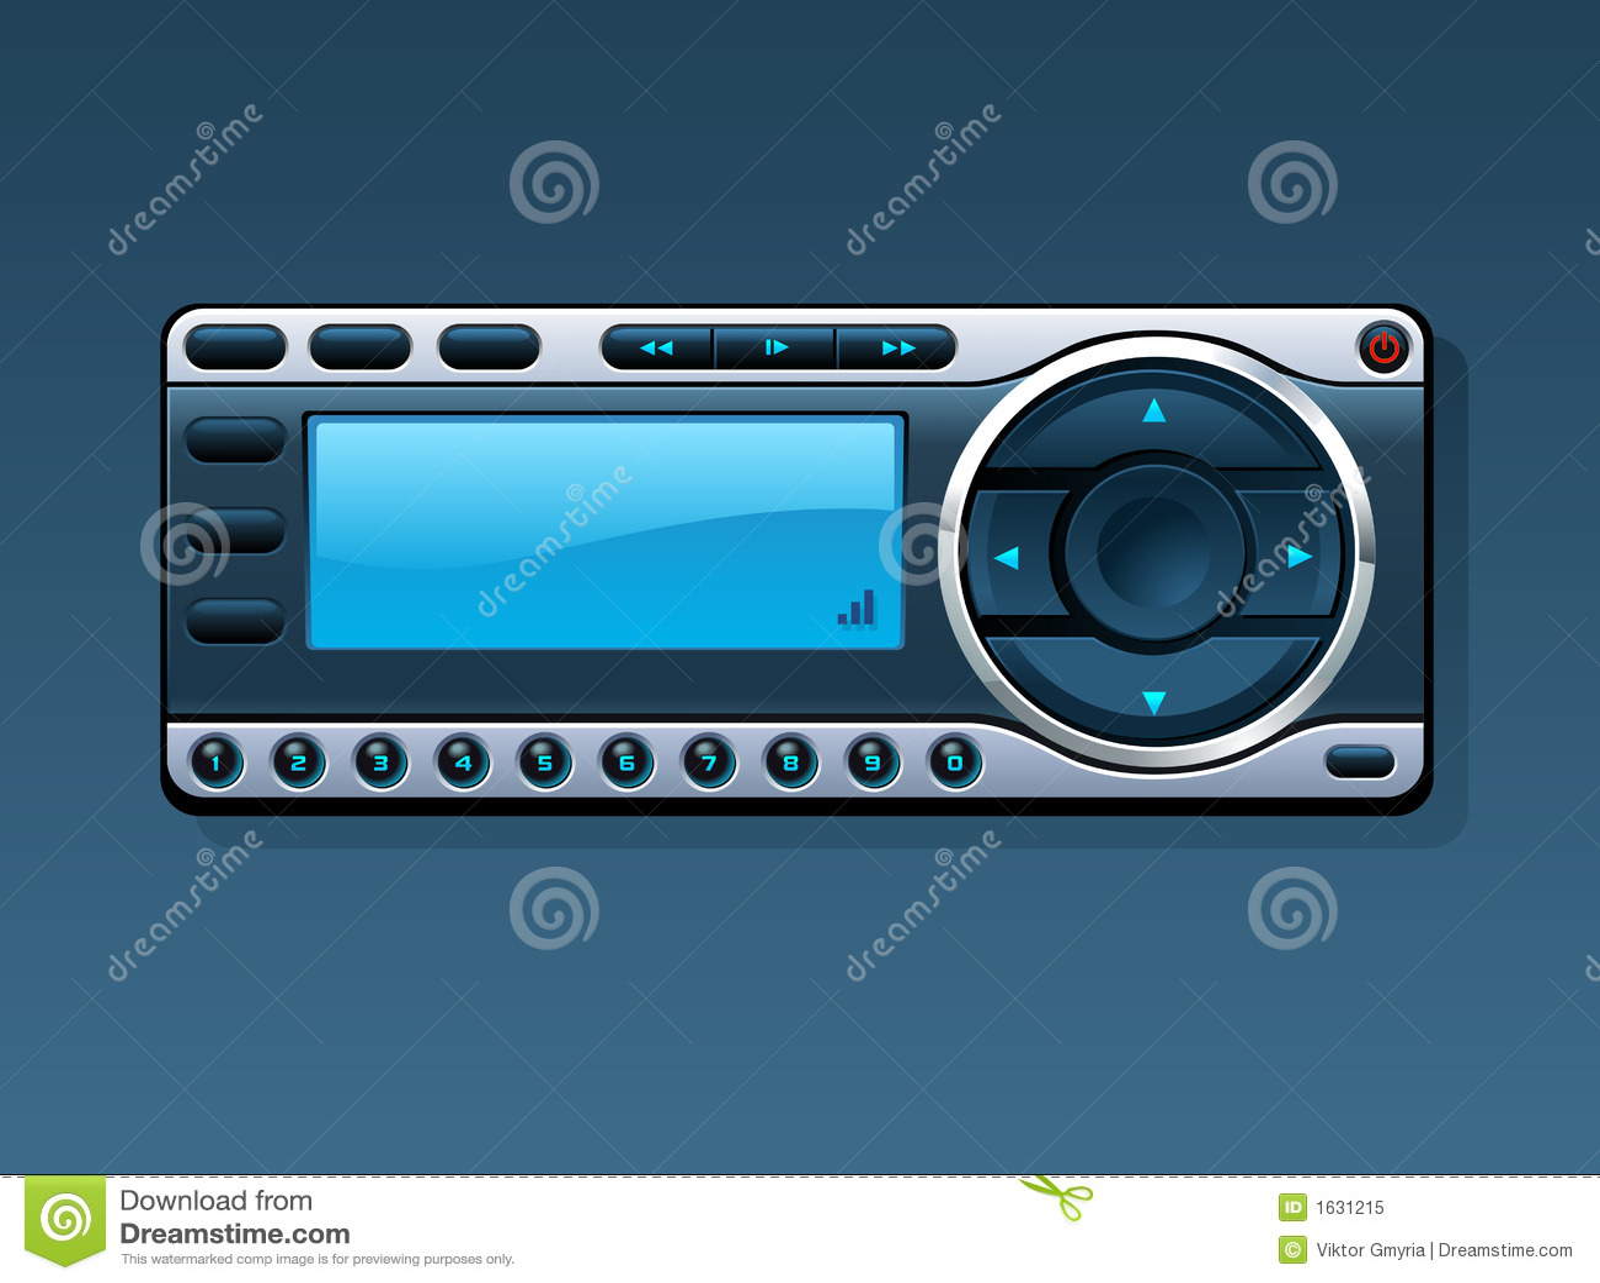 Satellite Radio 2